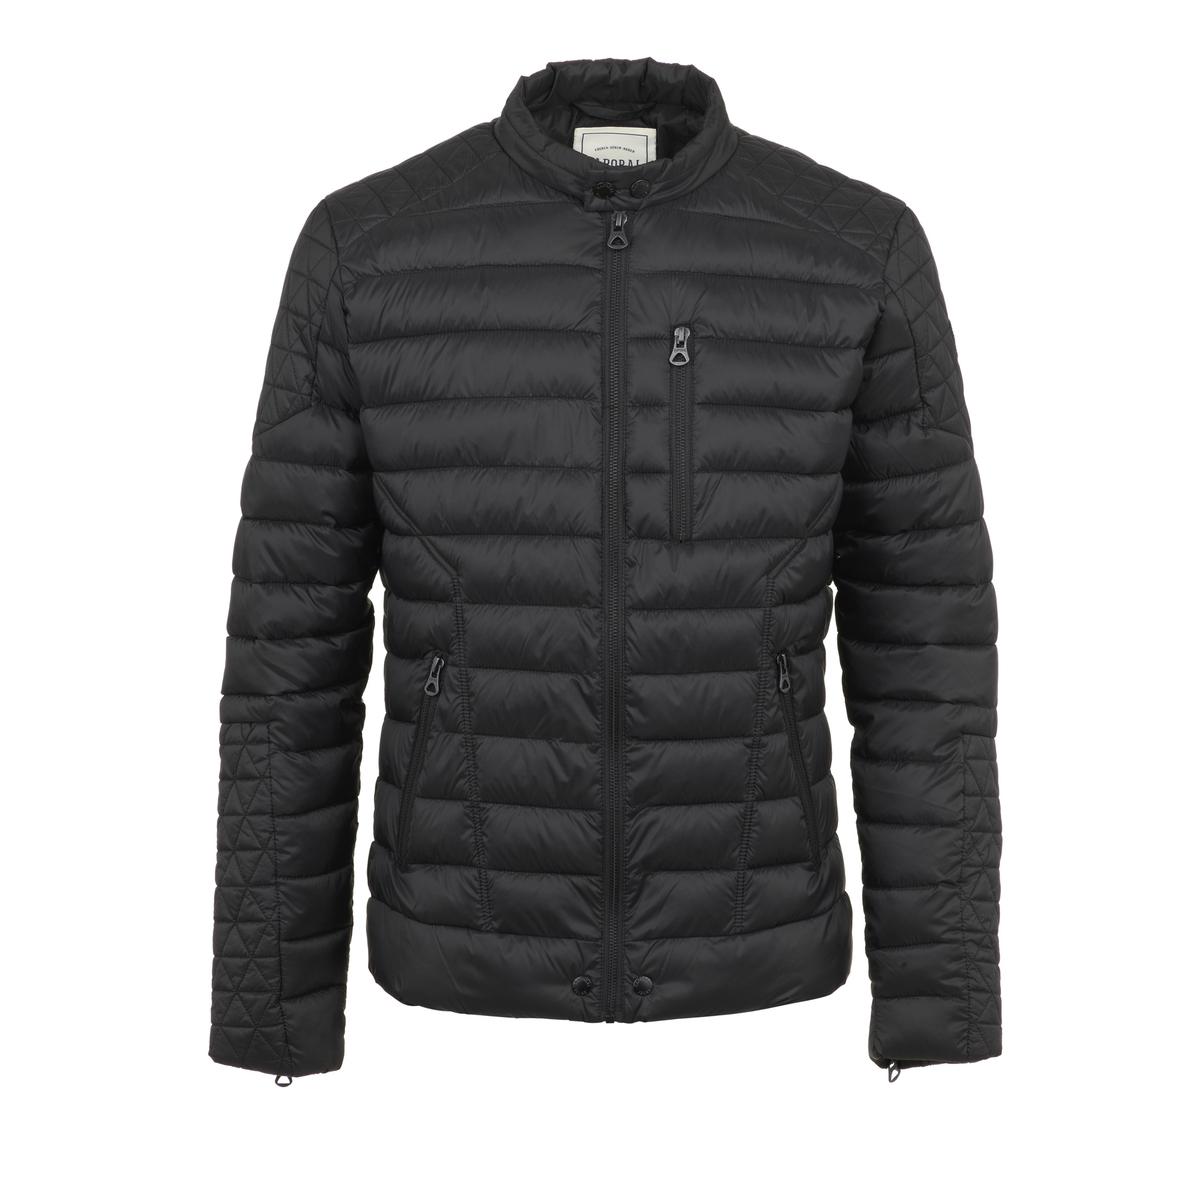 Блузон La Redoute В байкерском стиле Ozone S черный блузон la redoute в байкерском стиле ozone s черный